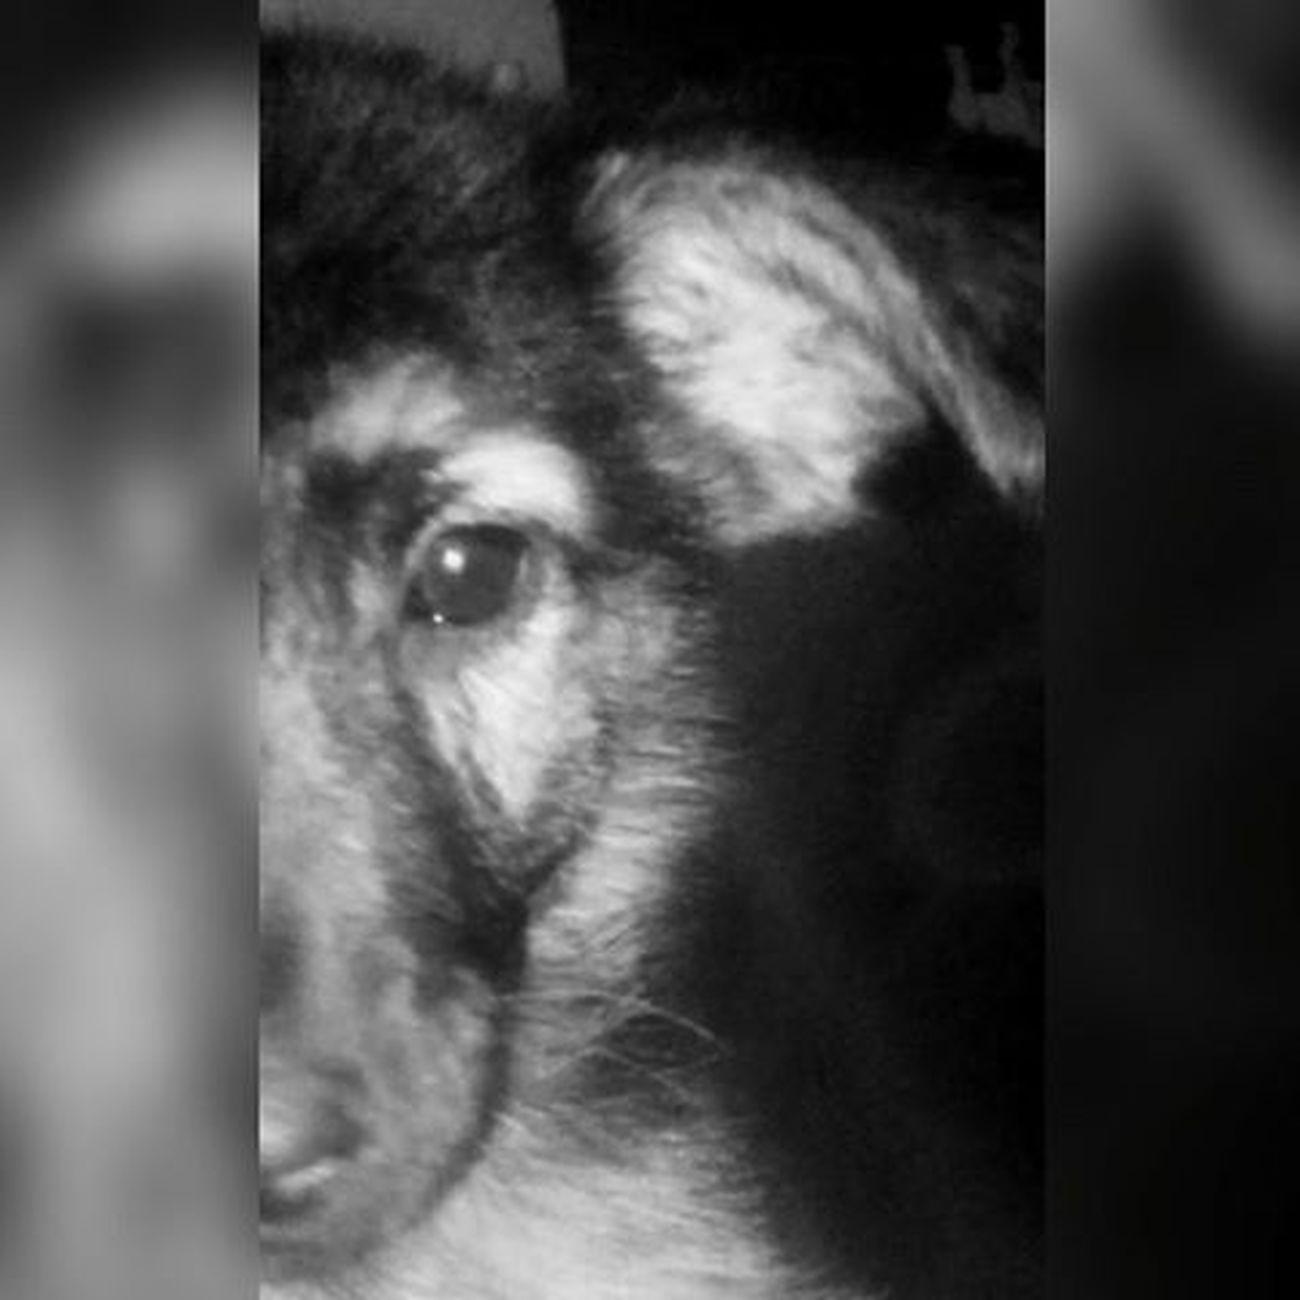 Baddog Bulldog Dog Mydog Animals Shady Ansia Instagood Instadog Instalike Stoned Followme Likeforlike Like4like L4l Lfl Followmydog Blackandwhite Gooddog Friends Dogfriends Realdog Cucciolo SHADY...